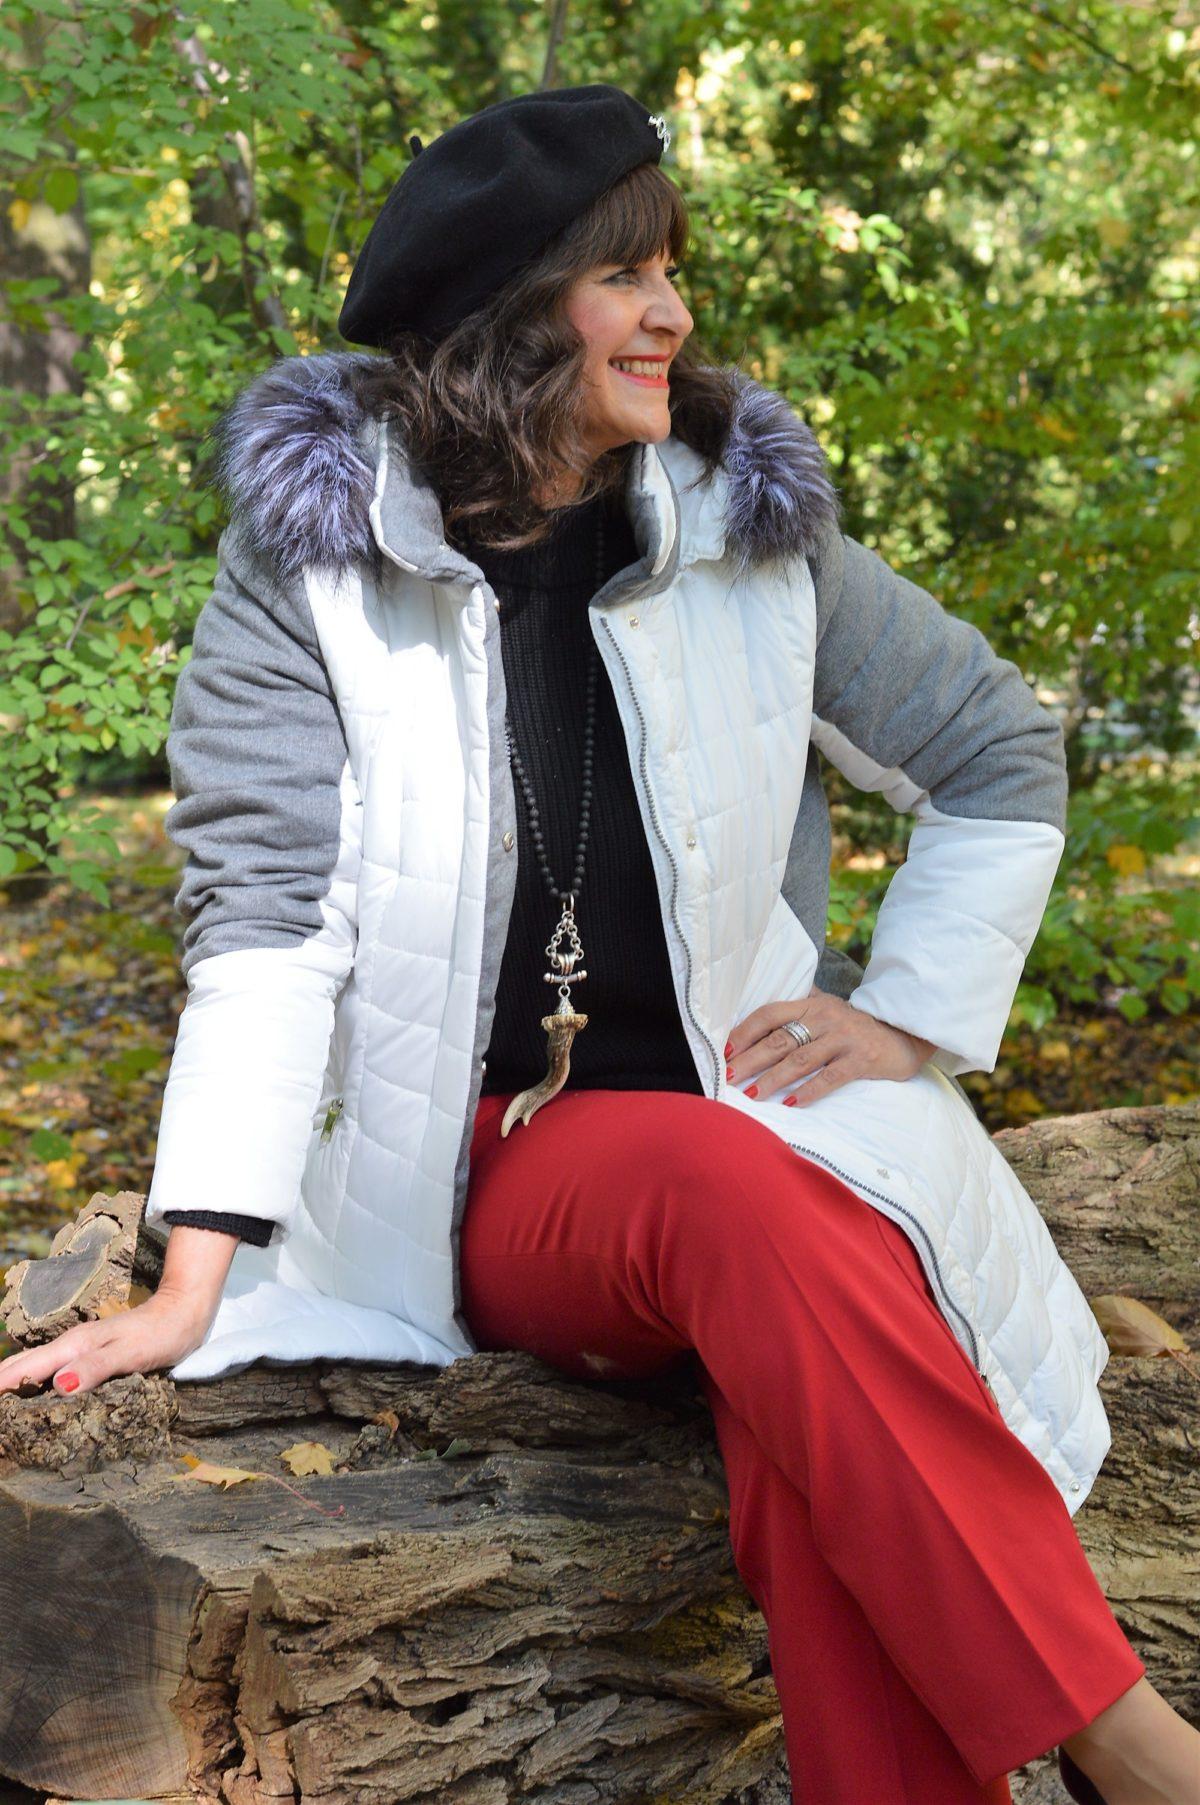 Mona Jacke im Herbst